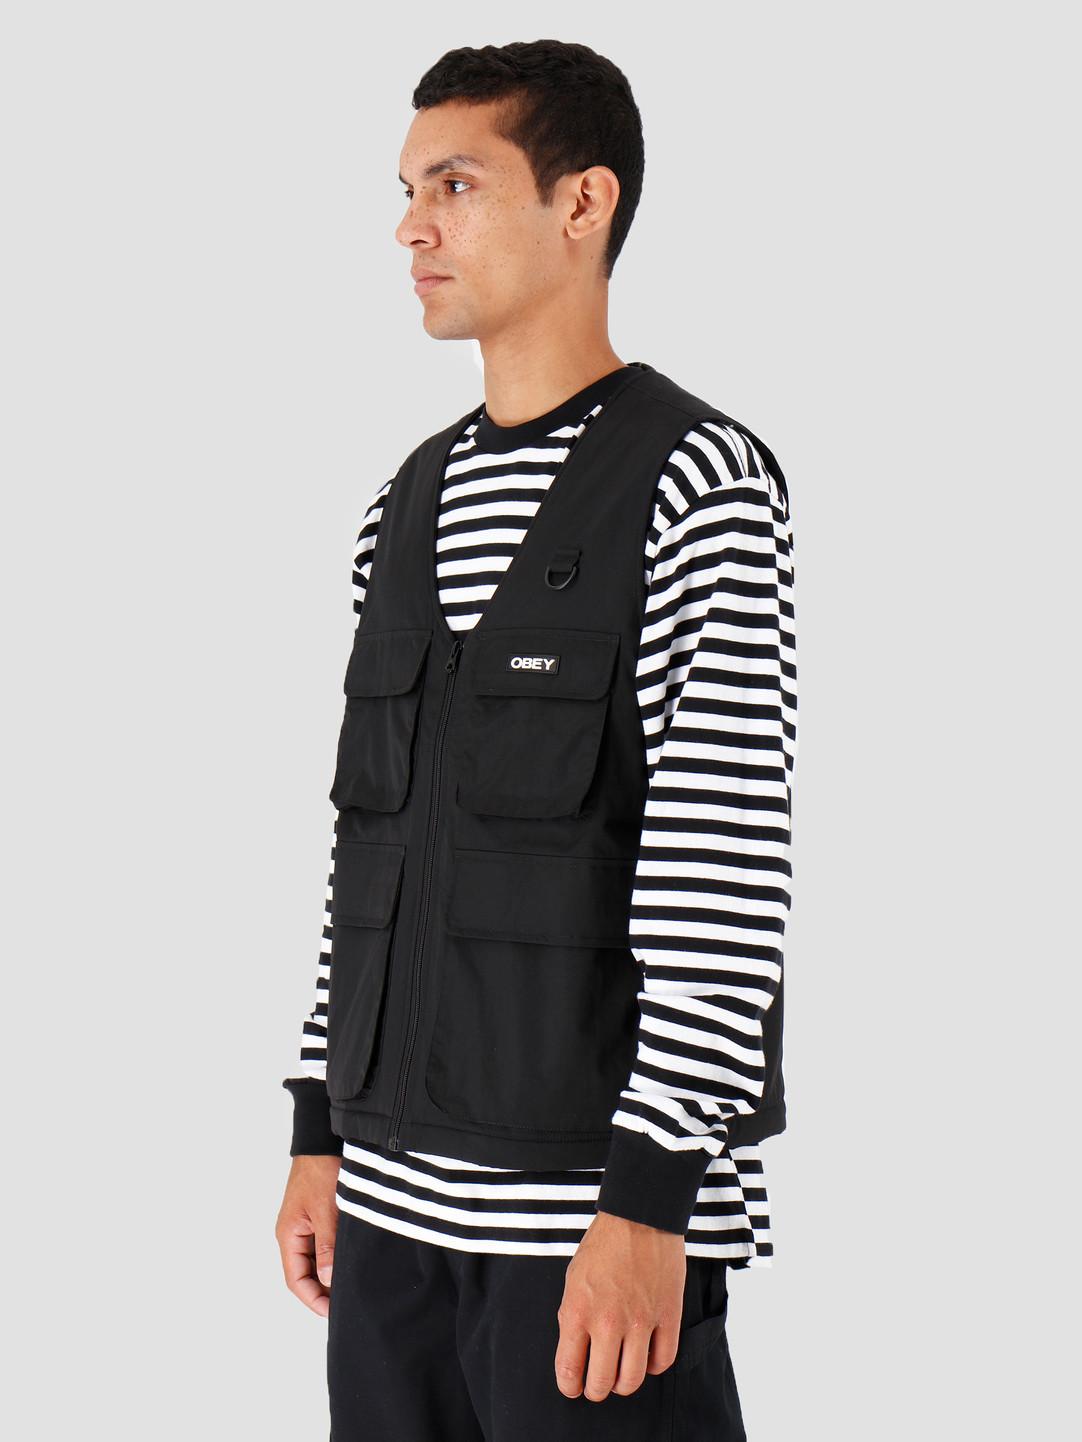 Obey Obey Nomad Vest Black 121810008-BLK